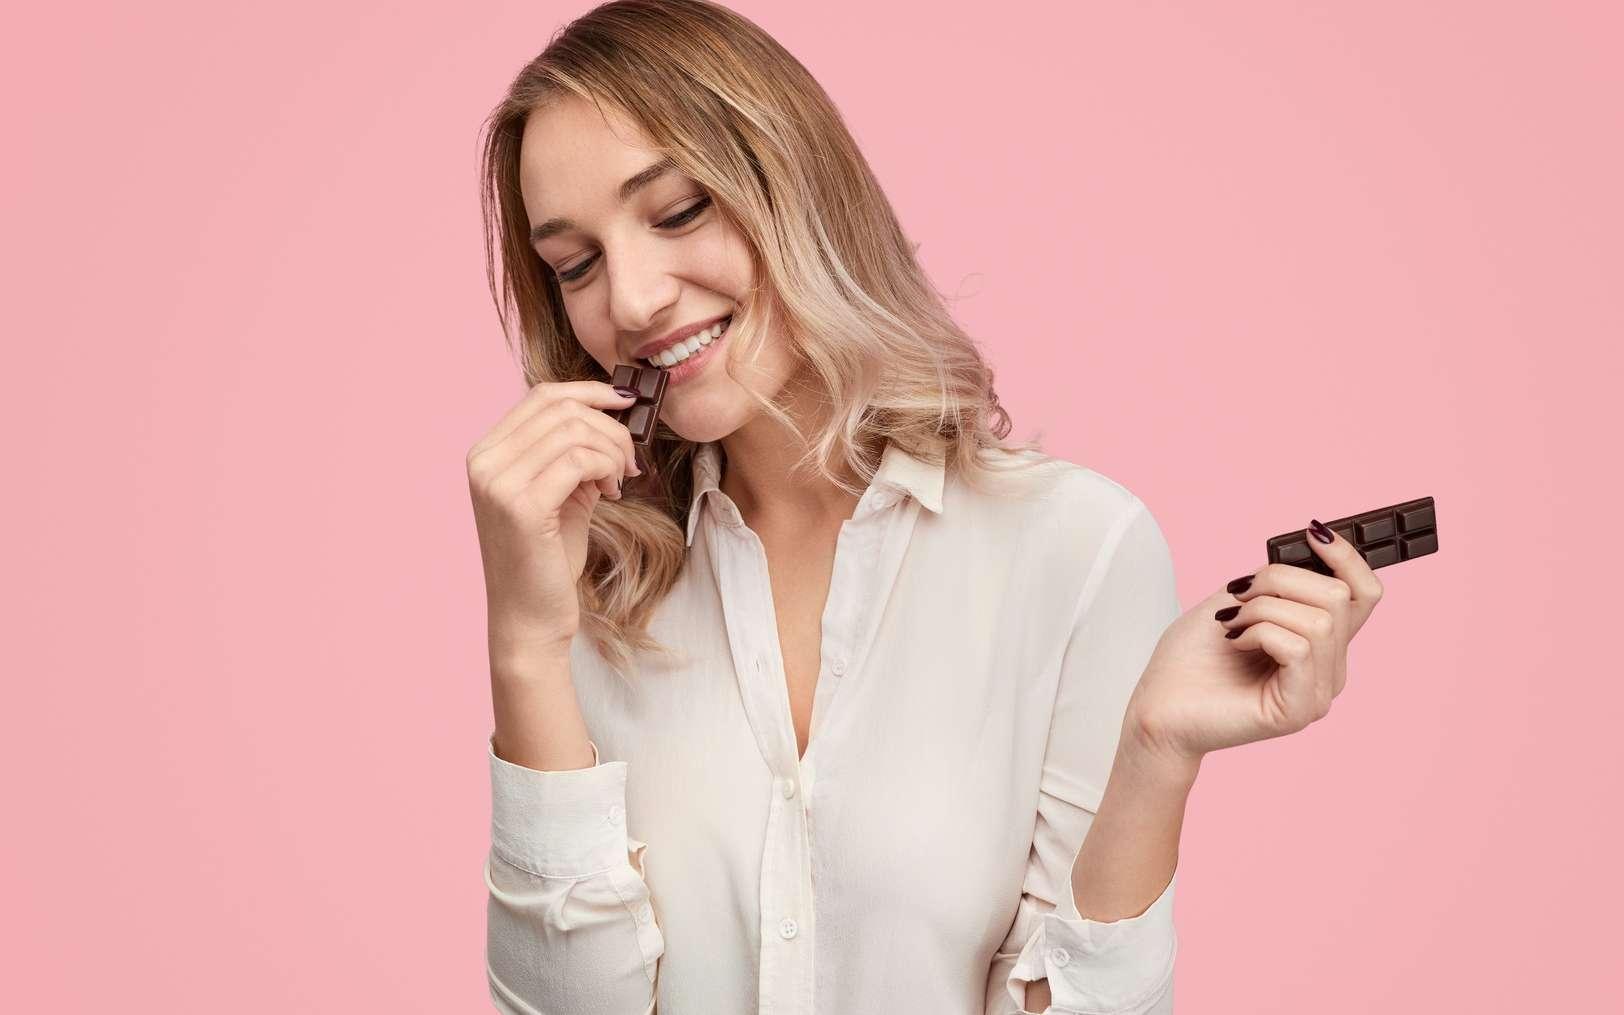 Manger du chocolat est une source de plaisir. © kegfire, Fotolia